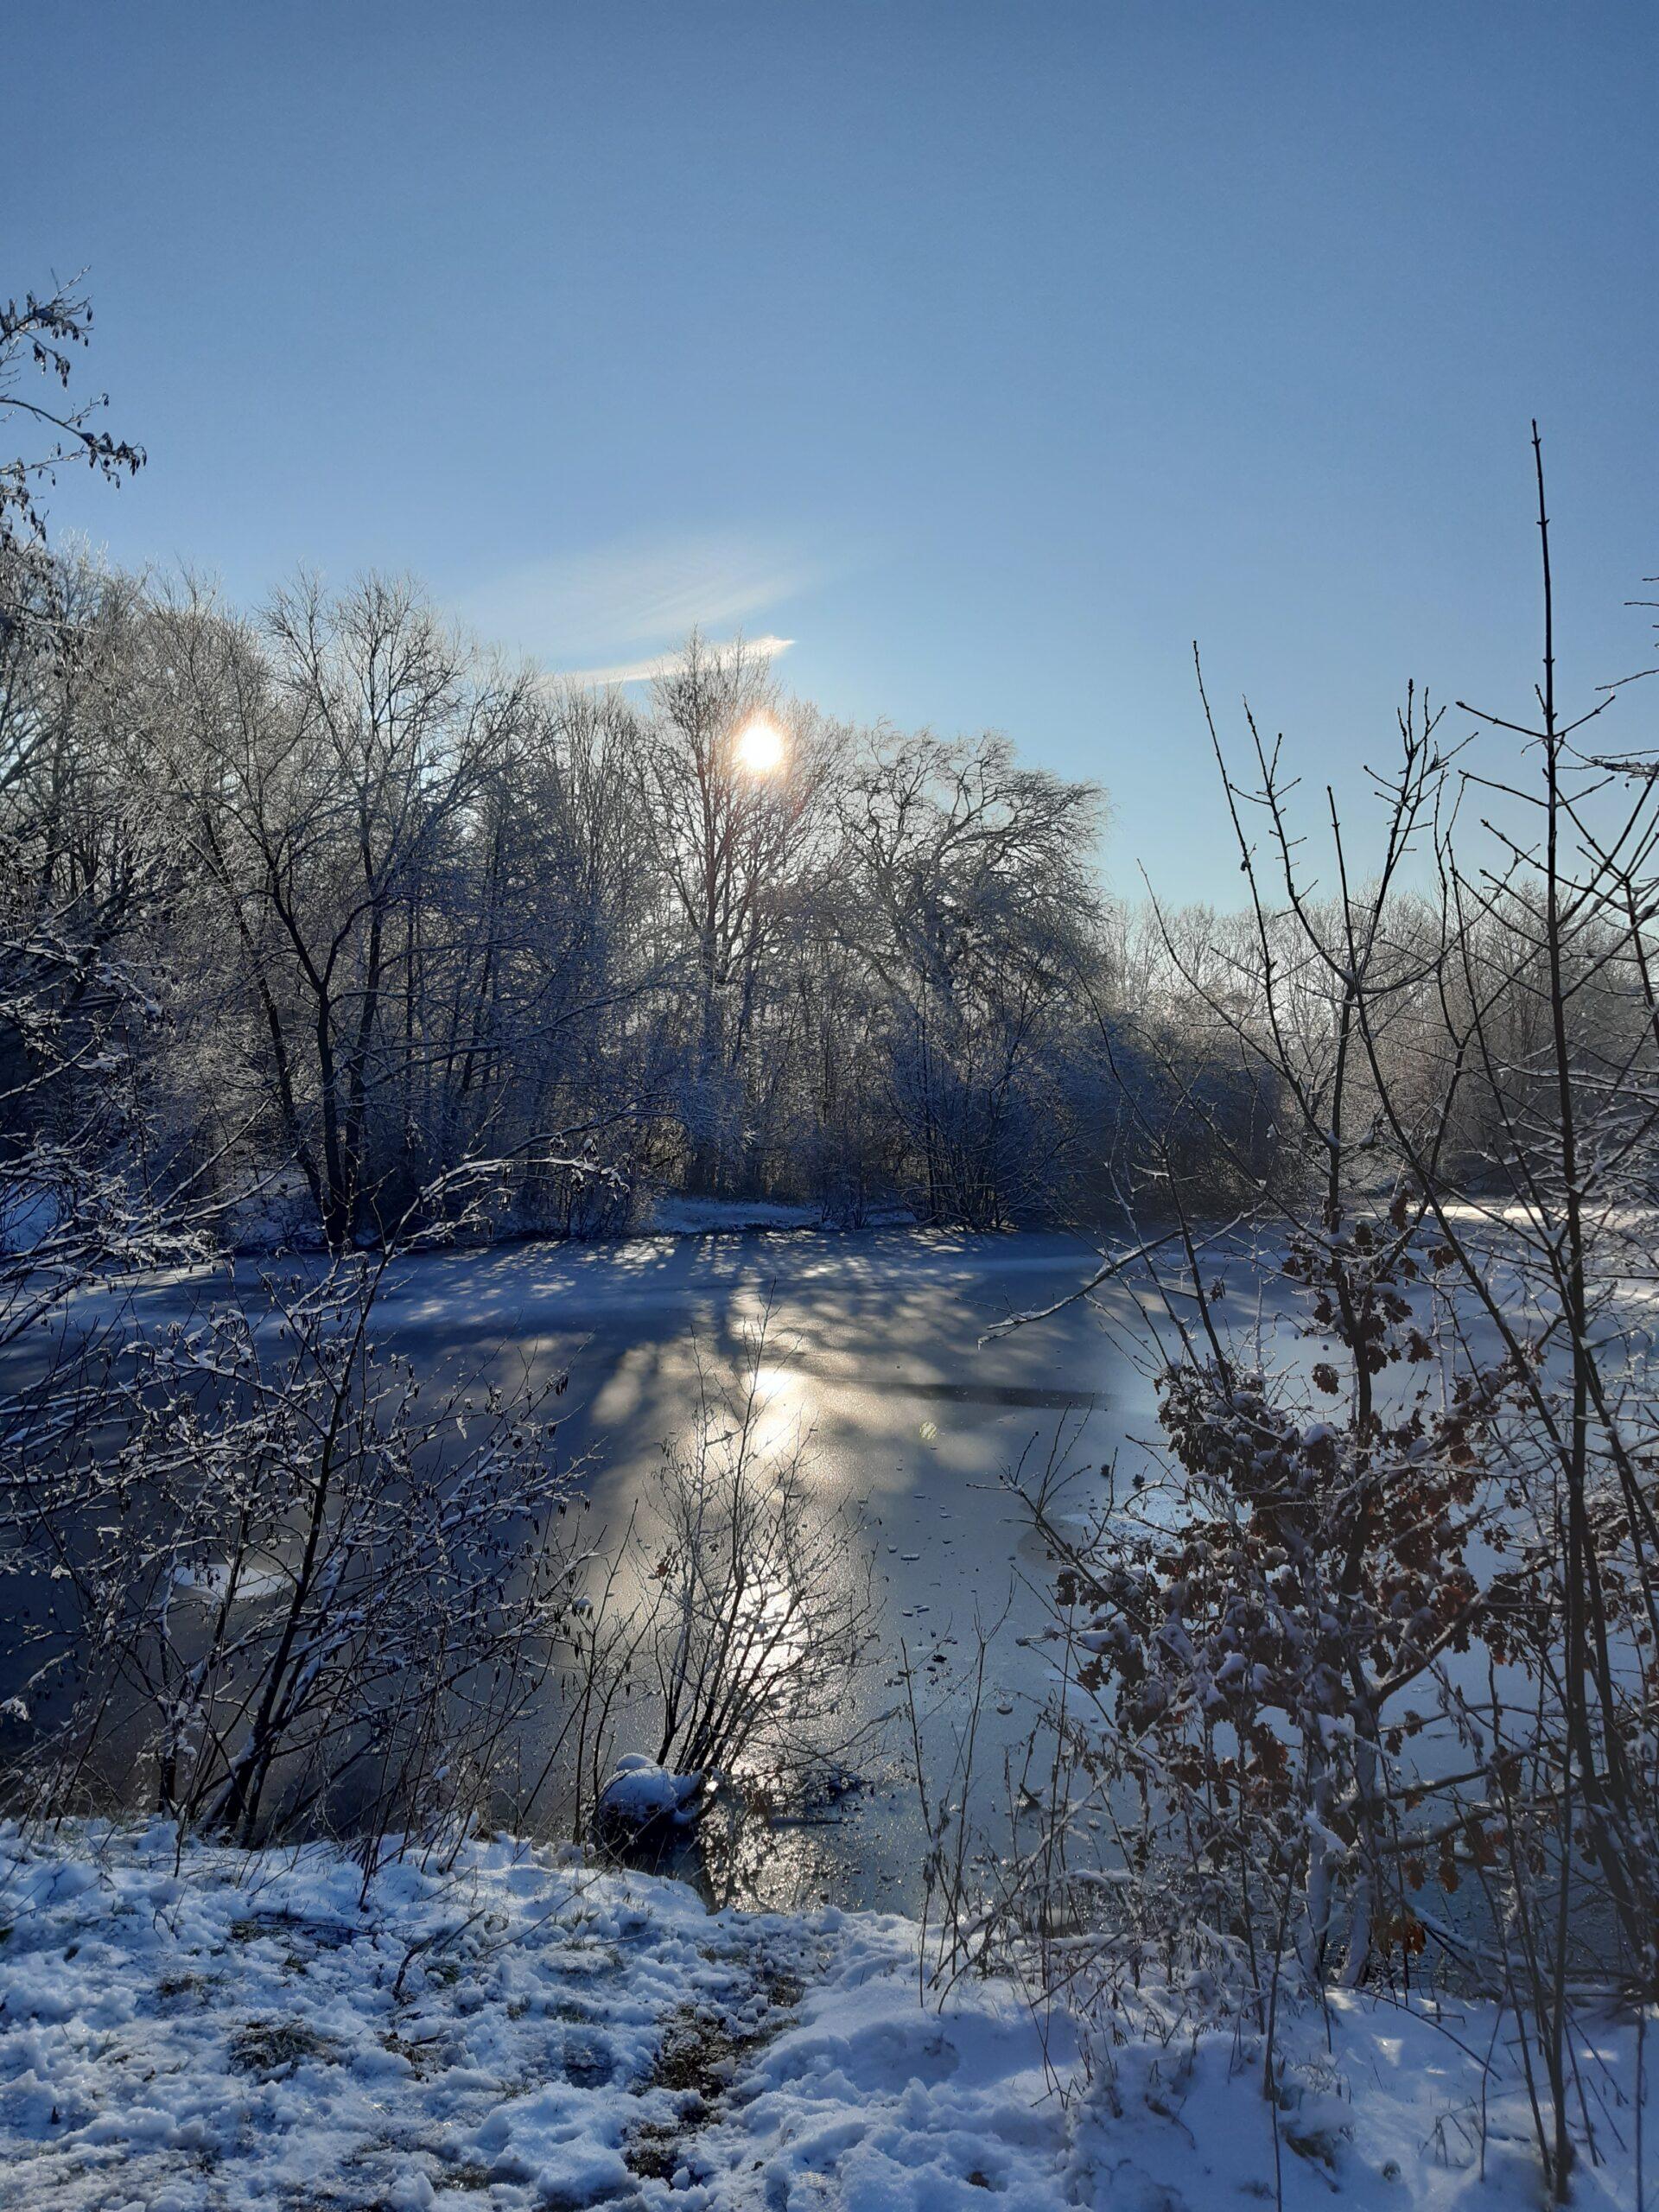 Foto eines Oldenburger Sees im Schnee - die Sonne scheint durch die Bäume